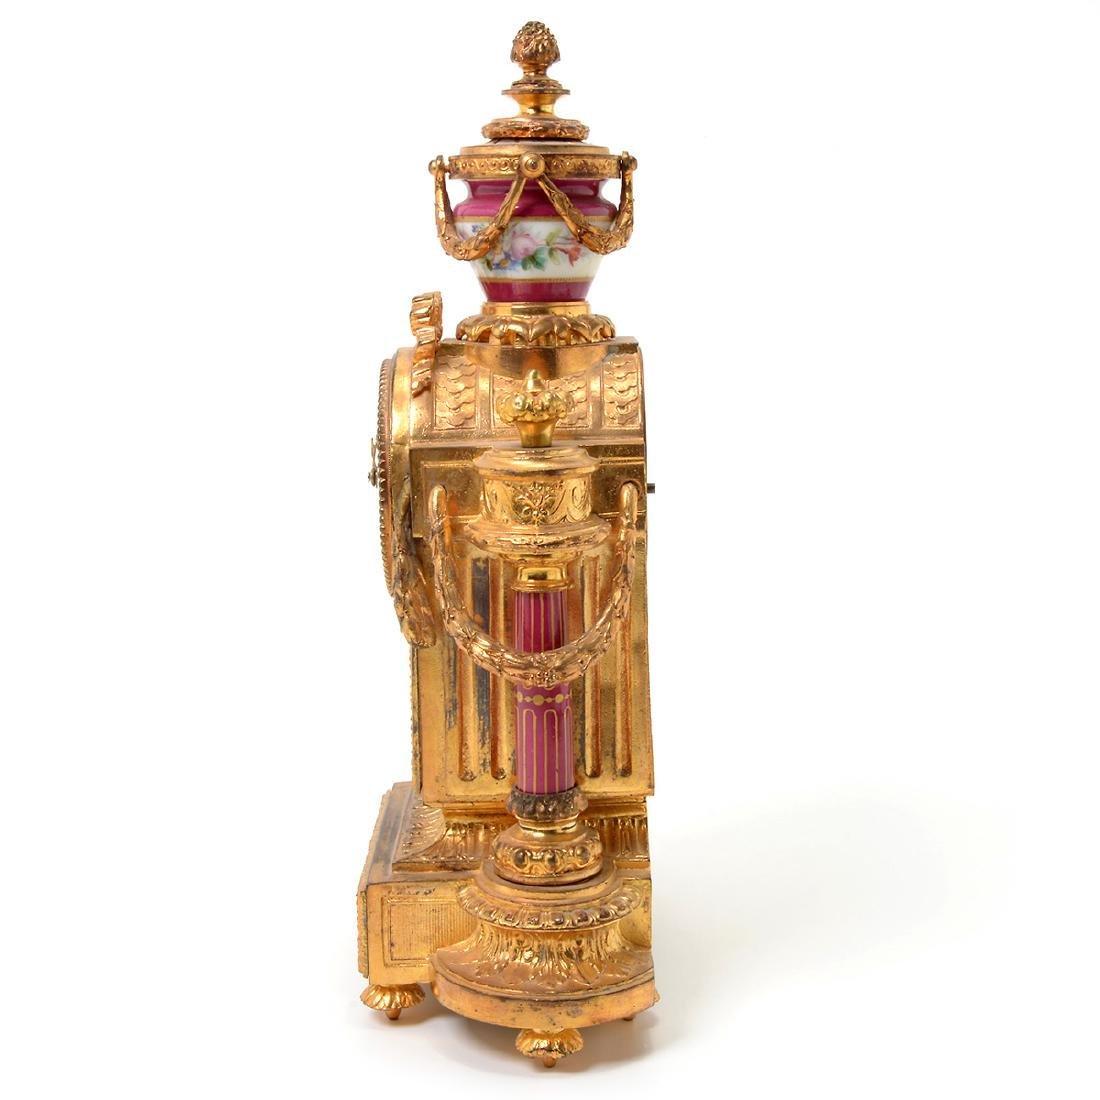 Louis XVI Style Gilt Bronze Porcelain Mantel Clock - 8